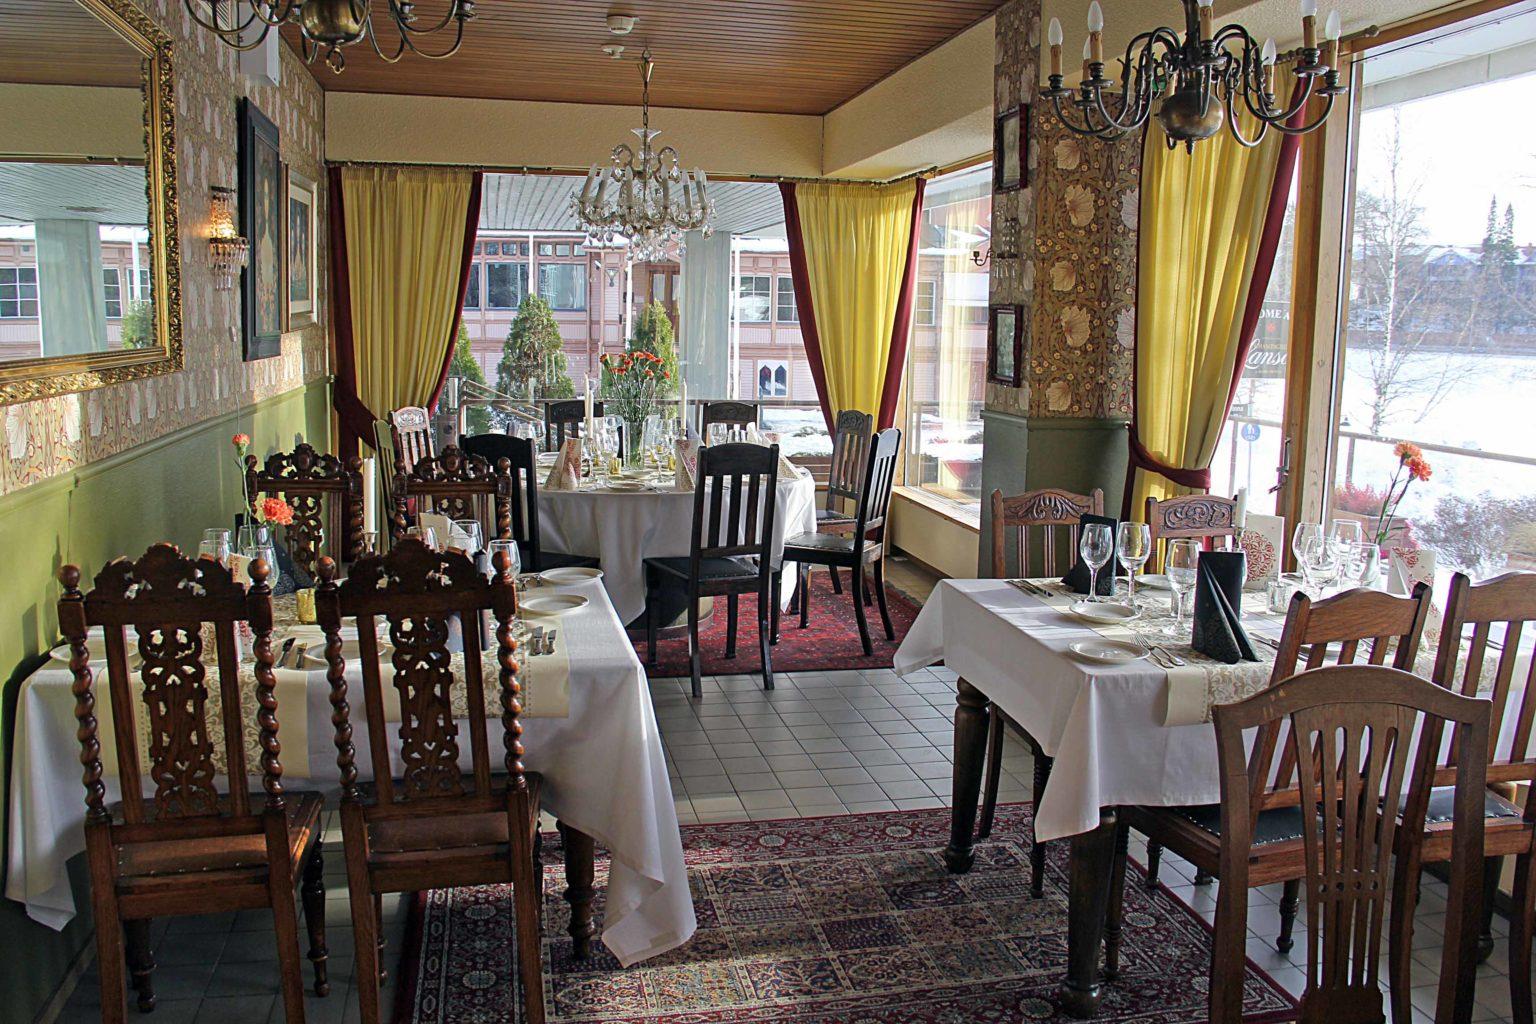 Kaunis Amanda-kabinetti toimii ravintolana ympäri vuoden.